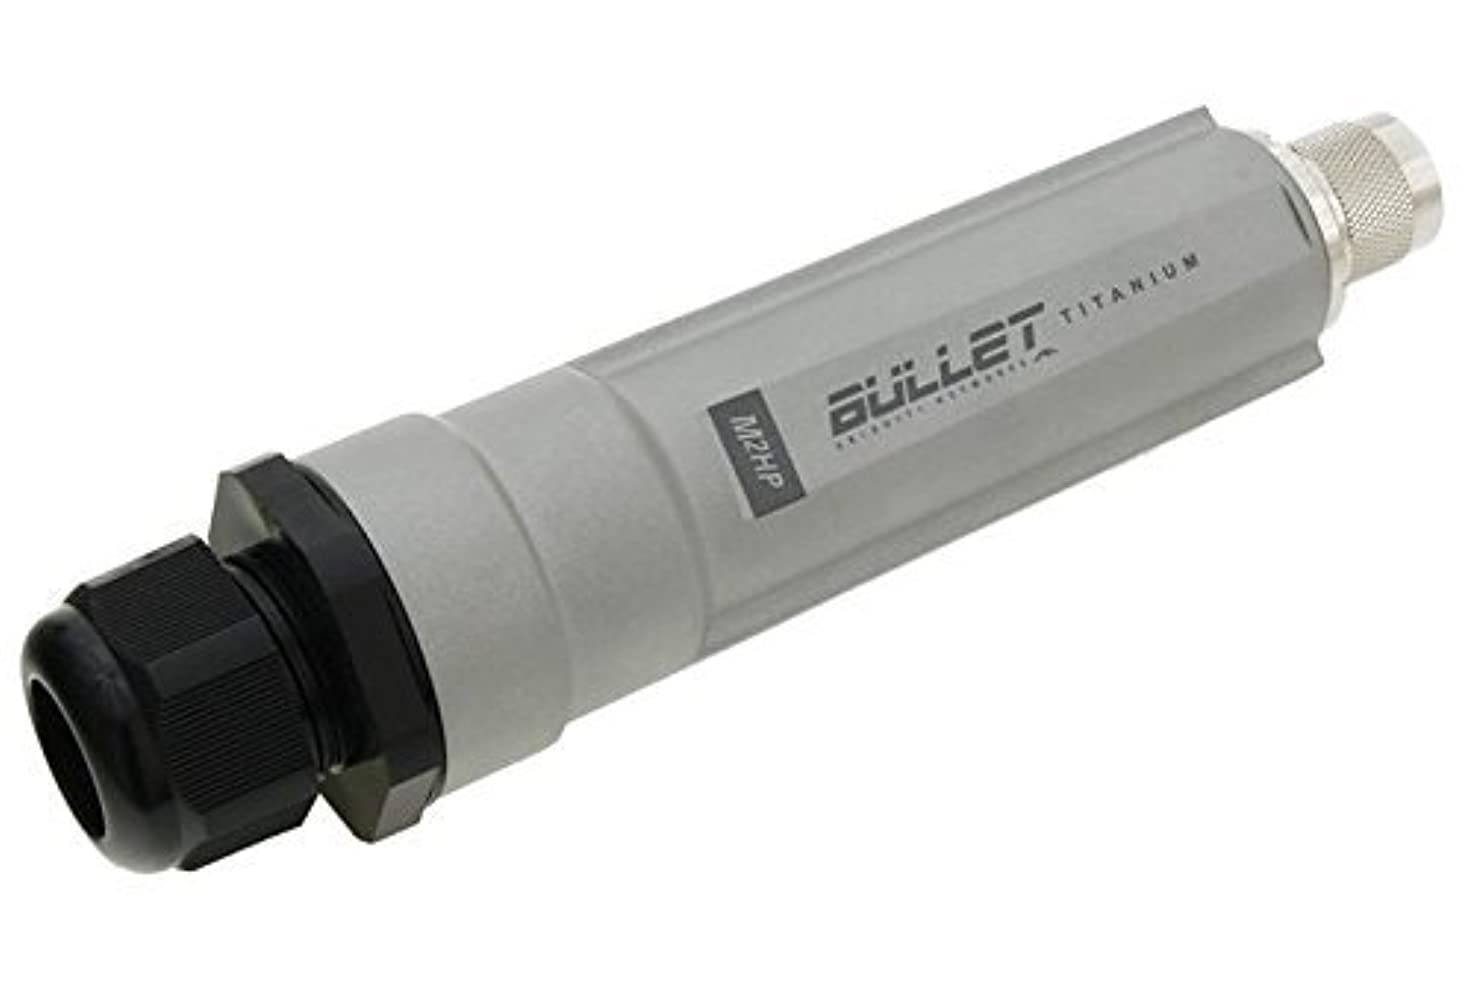 Ubiquiti BulletM2 Titanium Ubiquiti 2.4GHz 802.11n/g Outdoor Radio